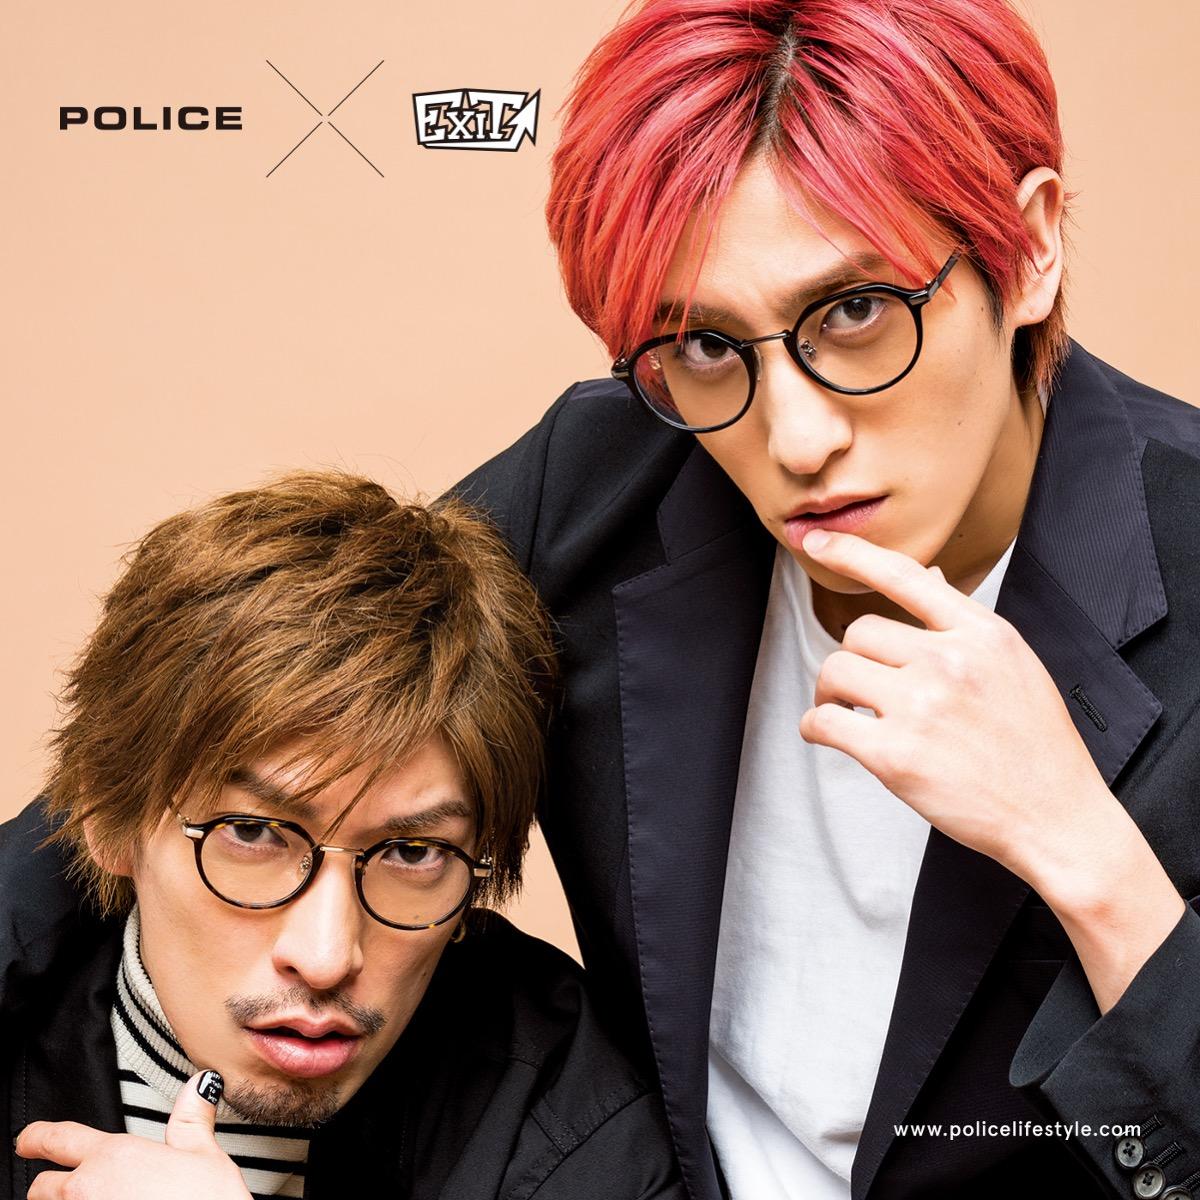 数量限定 POLICE×EXITカプセルコレクション 度付き メガネ VPLD87J ユニセックス メンズ レディース かねち EXITカプセルコレクション 限定モデル 全店販売中 度無しもOK POLICE イグジット セール特価 りんたろー 度付きメガネ